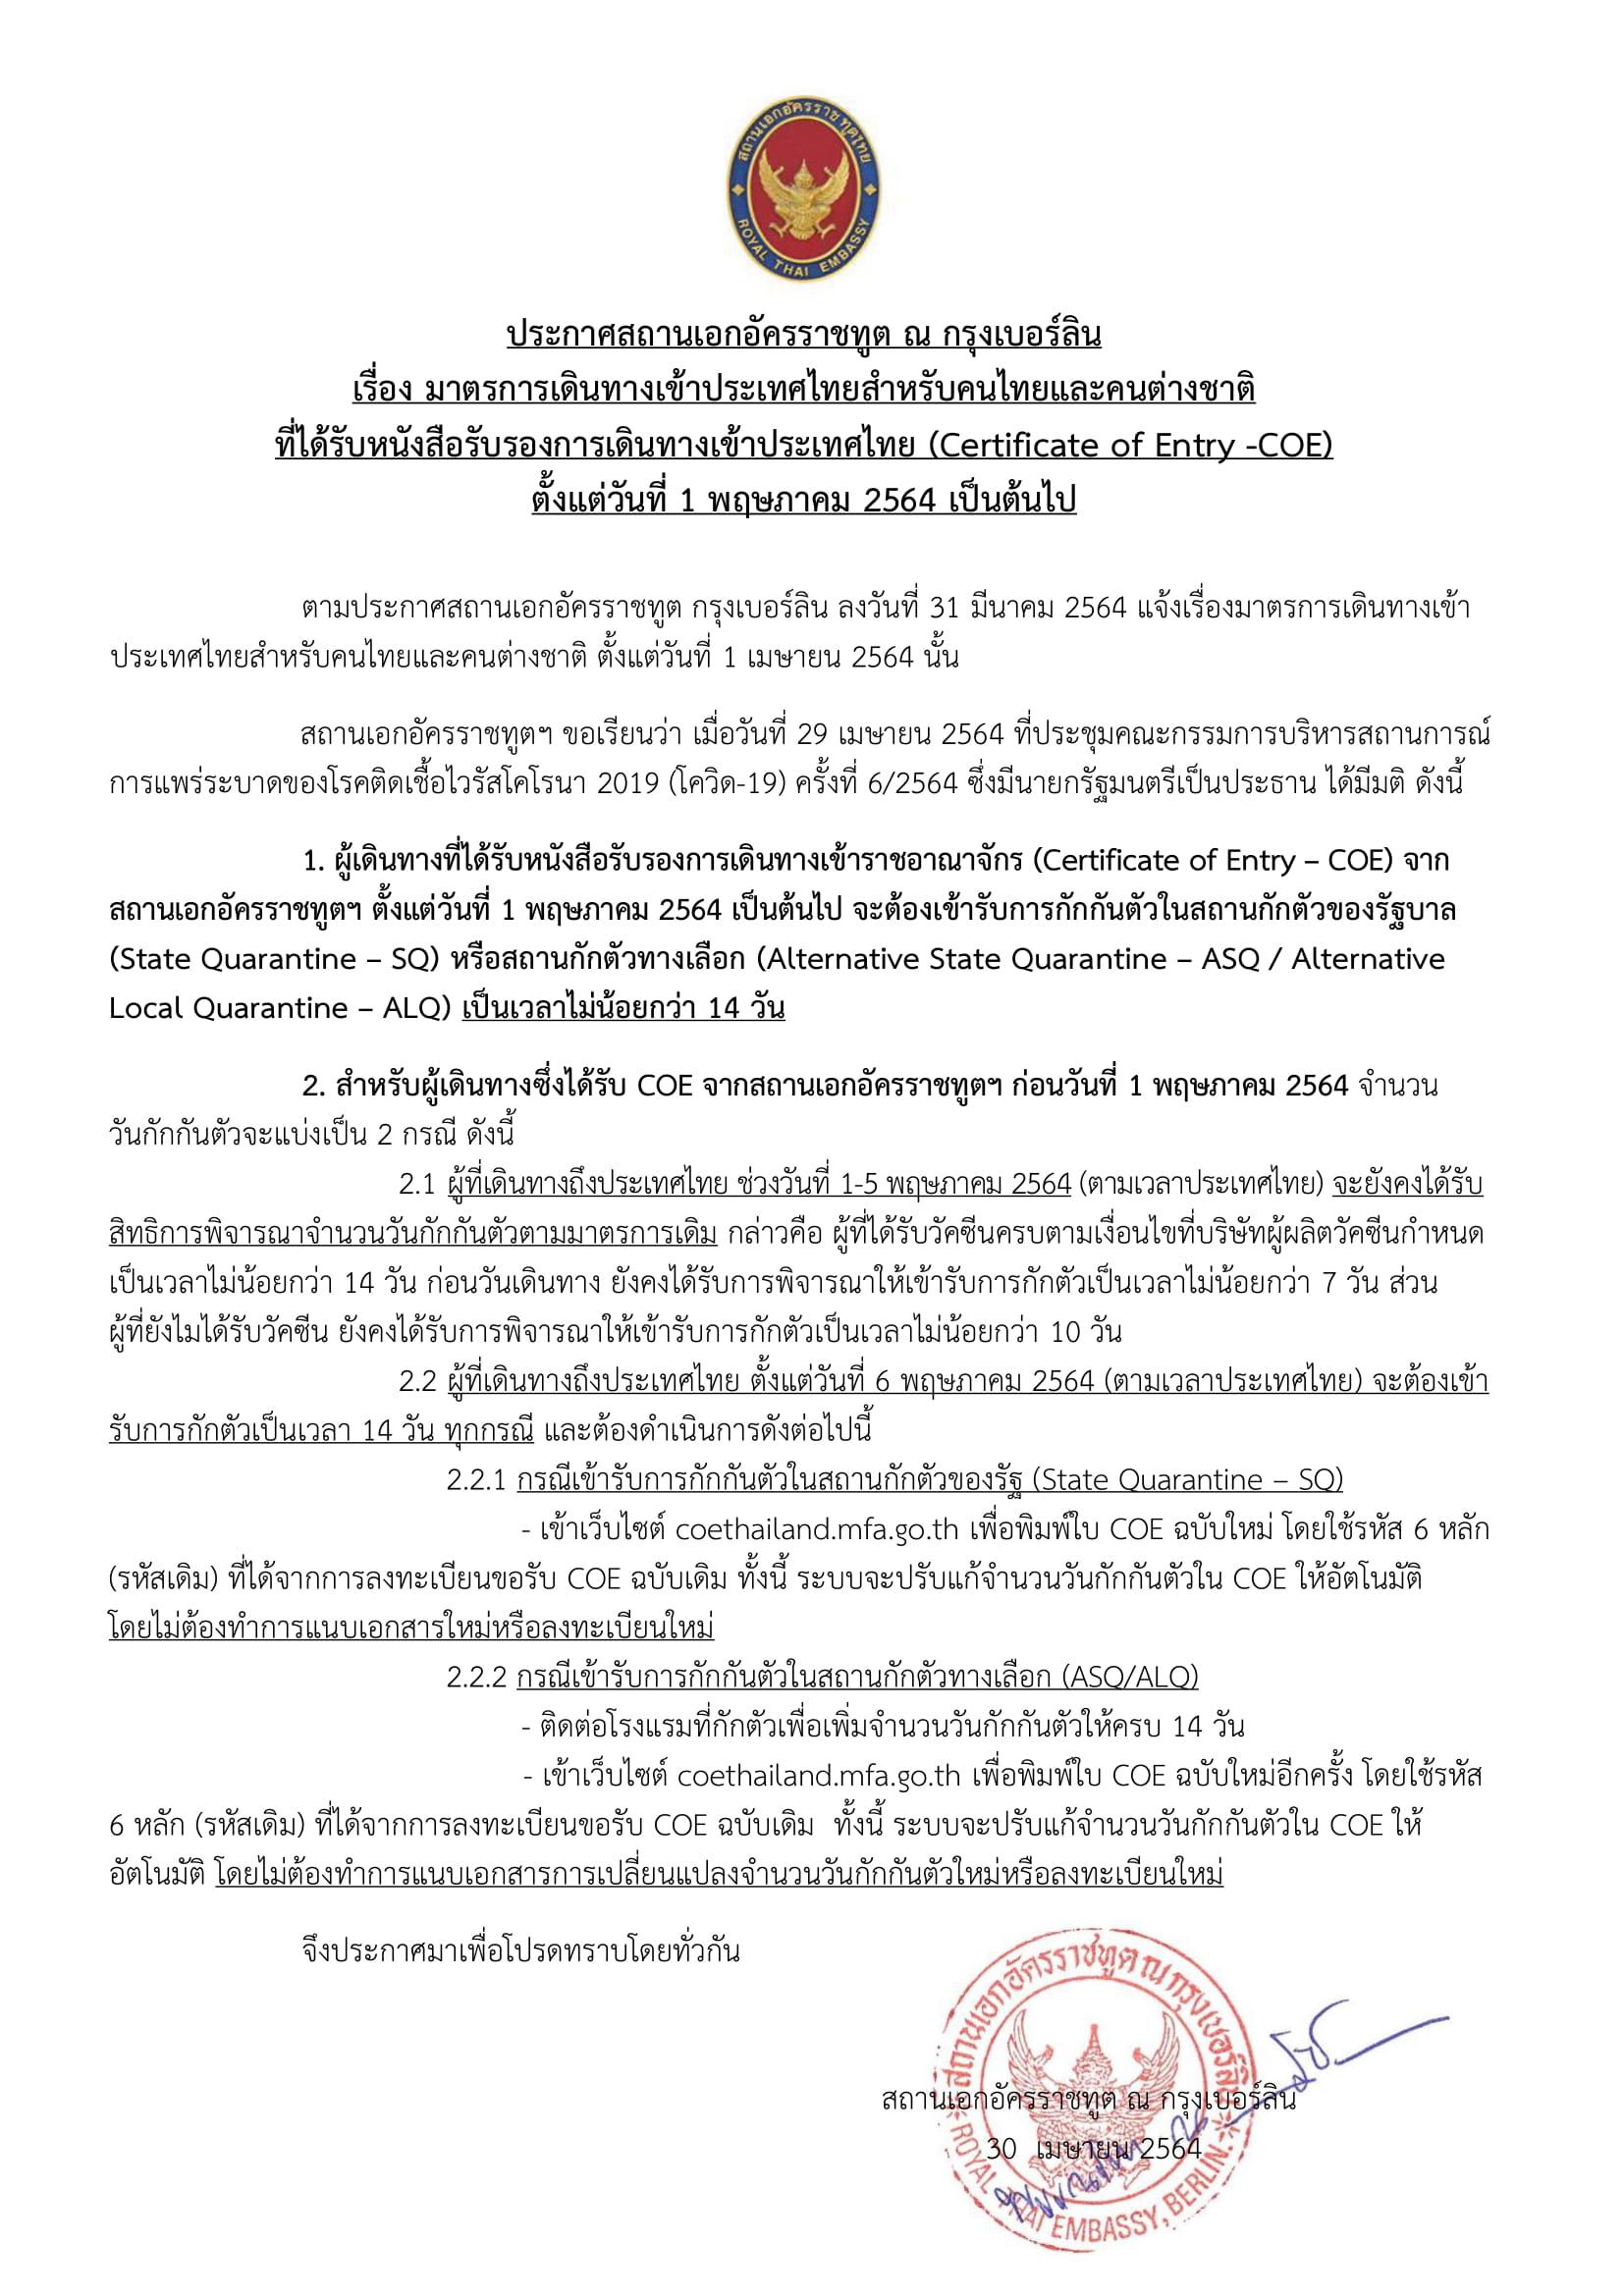 มาตรการเดินทางเข้าประเทศไทยสำหรับคนไทยและคนต่างชาติ  ที่ได้รับหนังสือรับรองการเดินทางเข้าประเทศไทย (Certificate of Entry – COE)  ตั้งแต่วันที่ 1 พฤษภาคม 2564 เป็นต้นไป